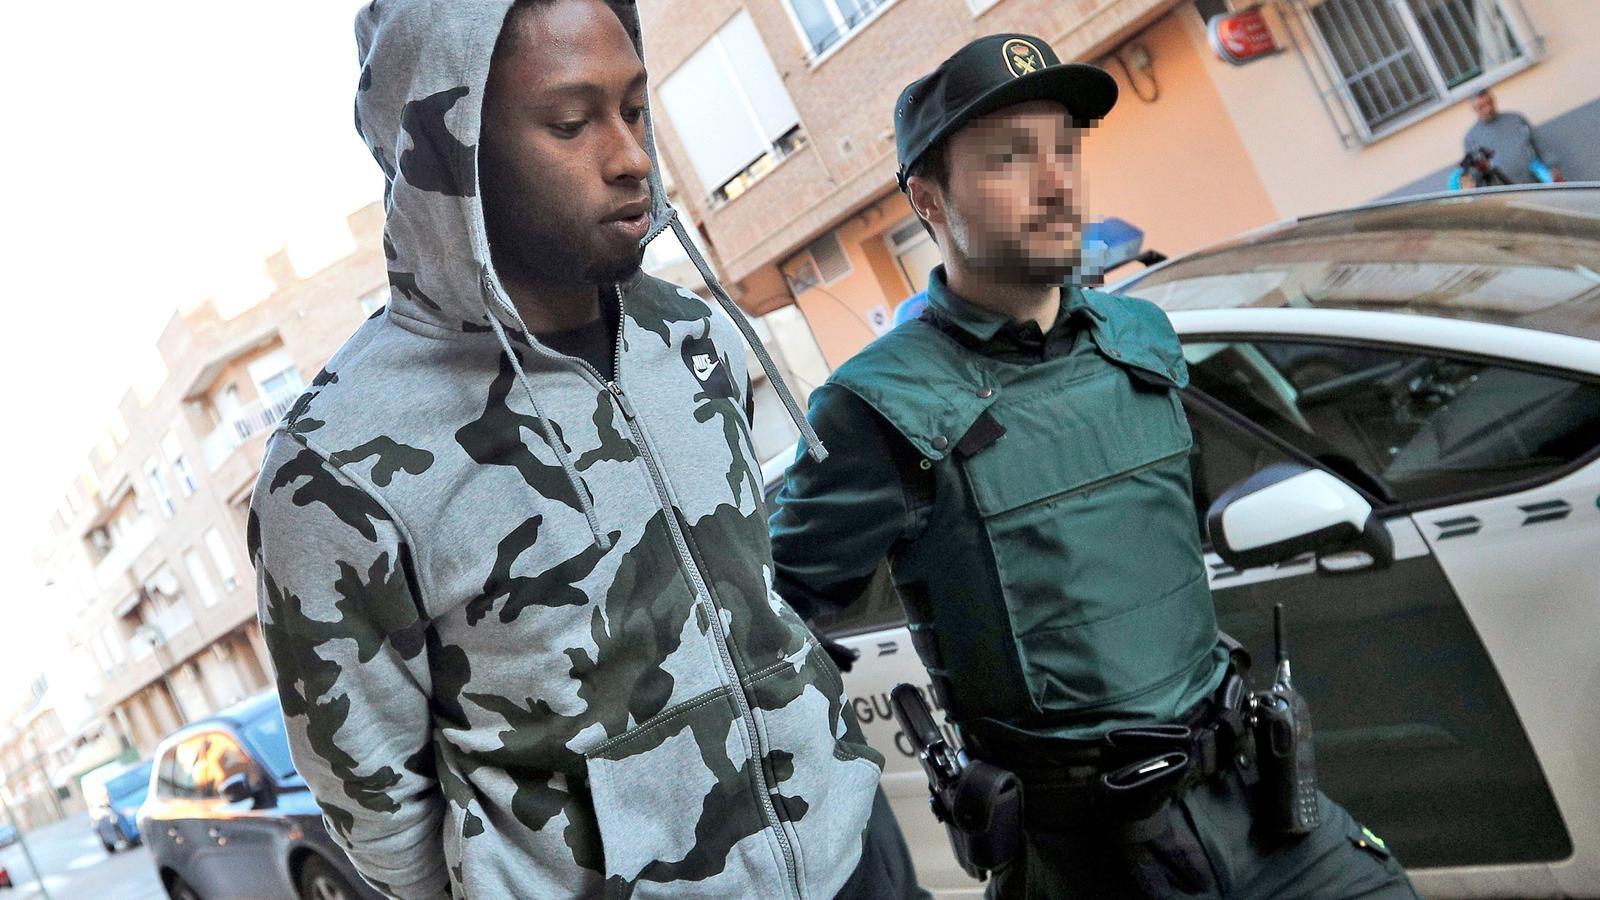 Presó provisional sense fiança per al futbolista del Vila-real Semedo